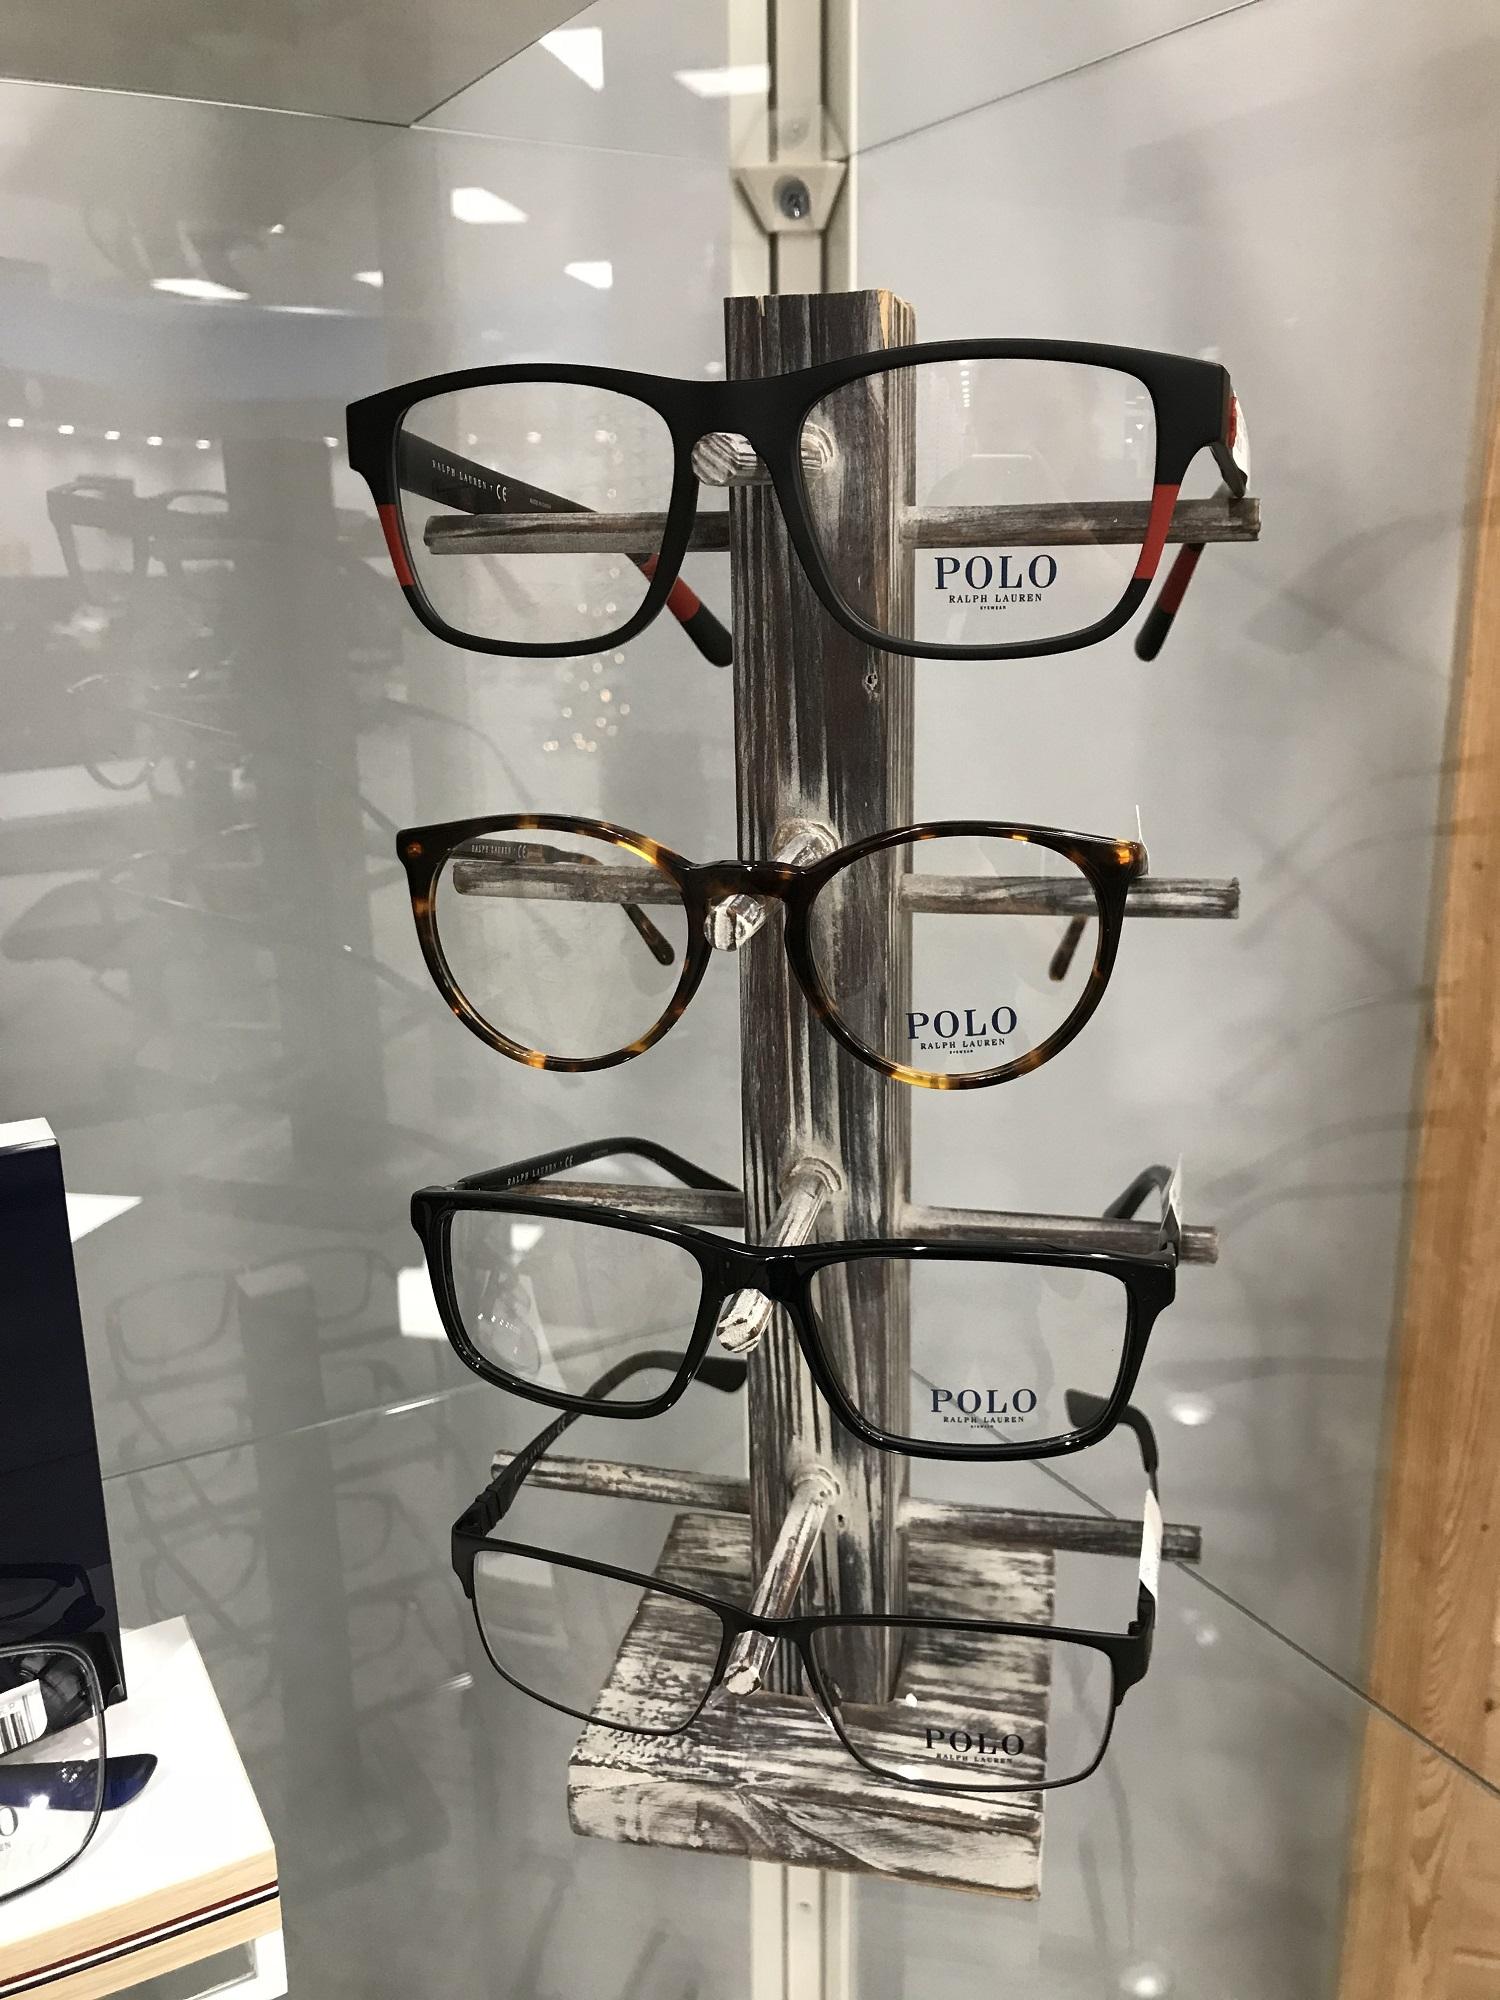 Polo eyeglass display 2